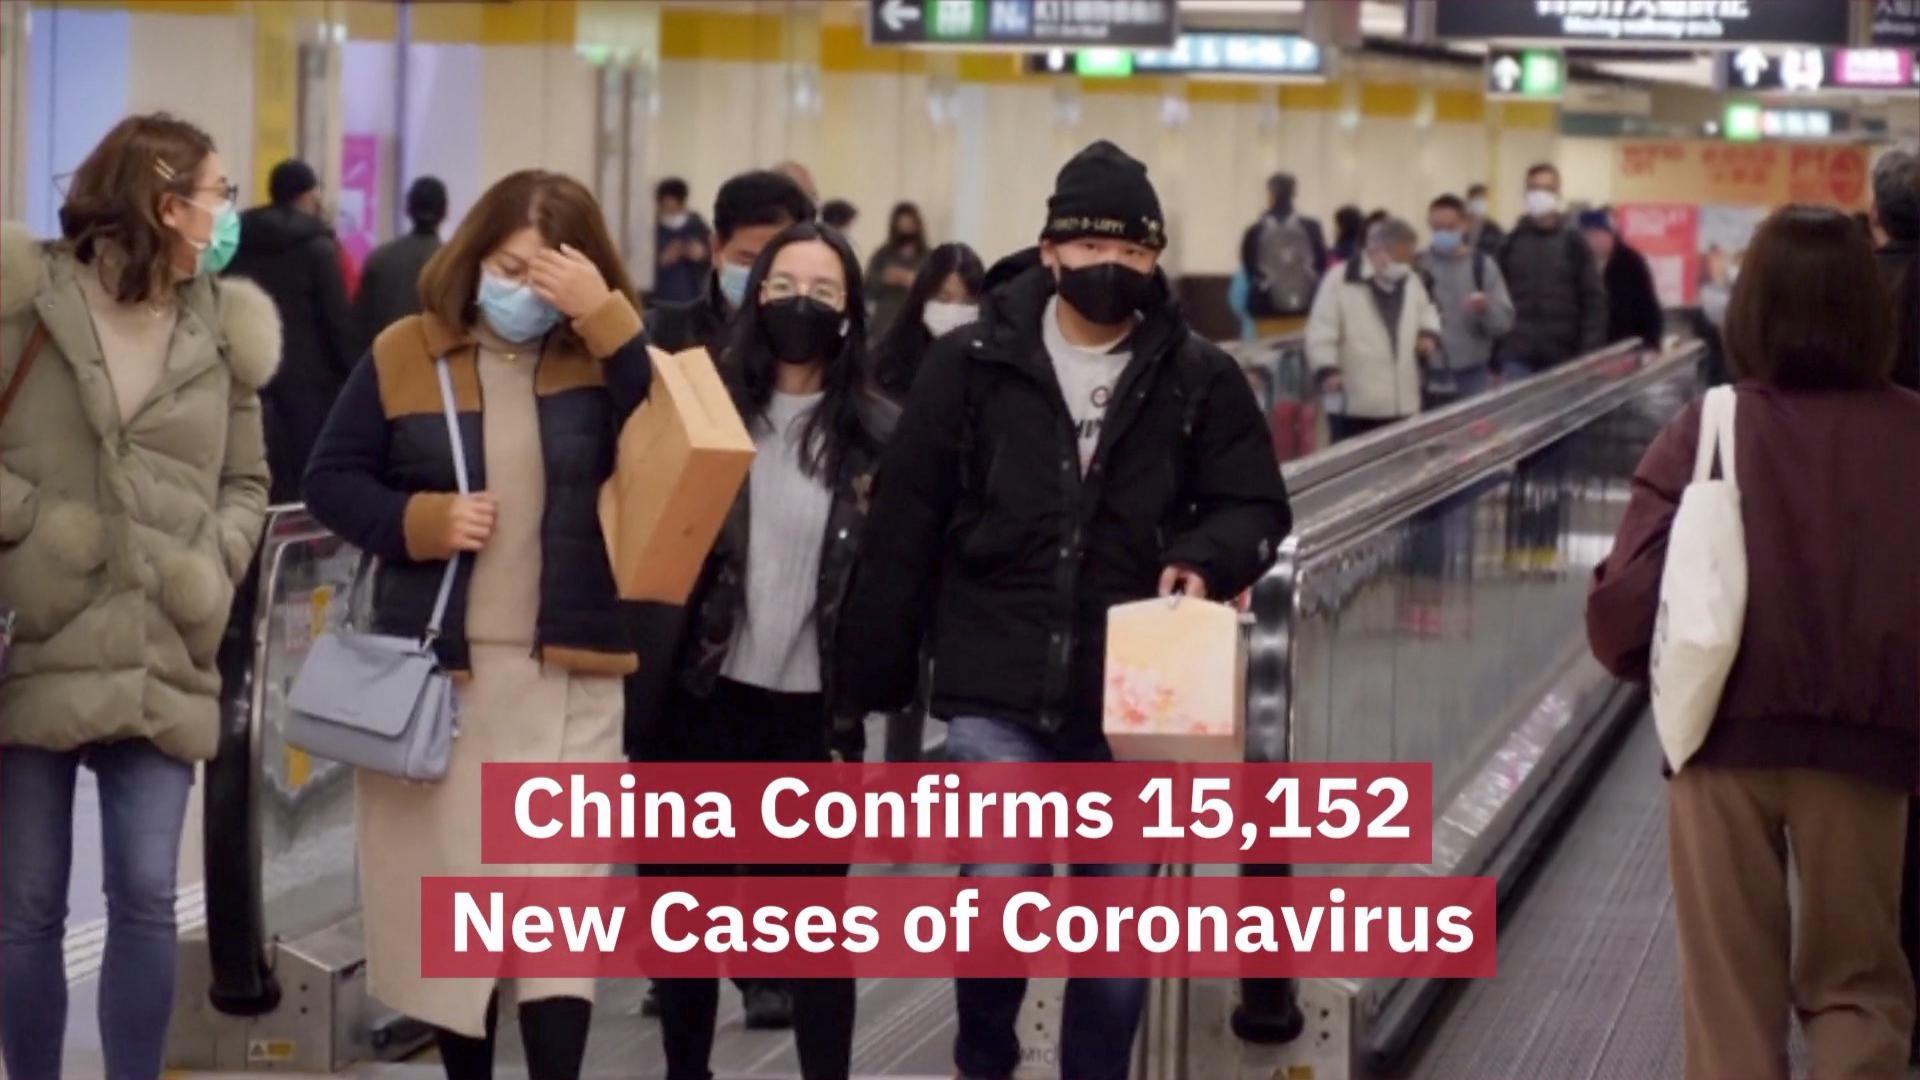 Update On The Coronavirus In China